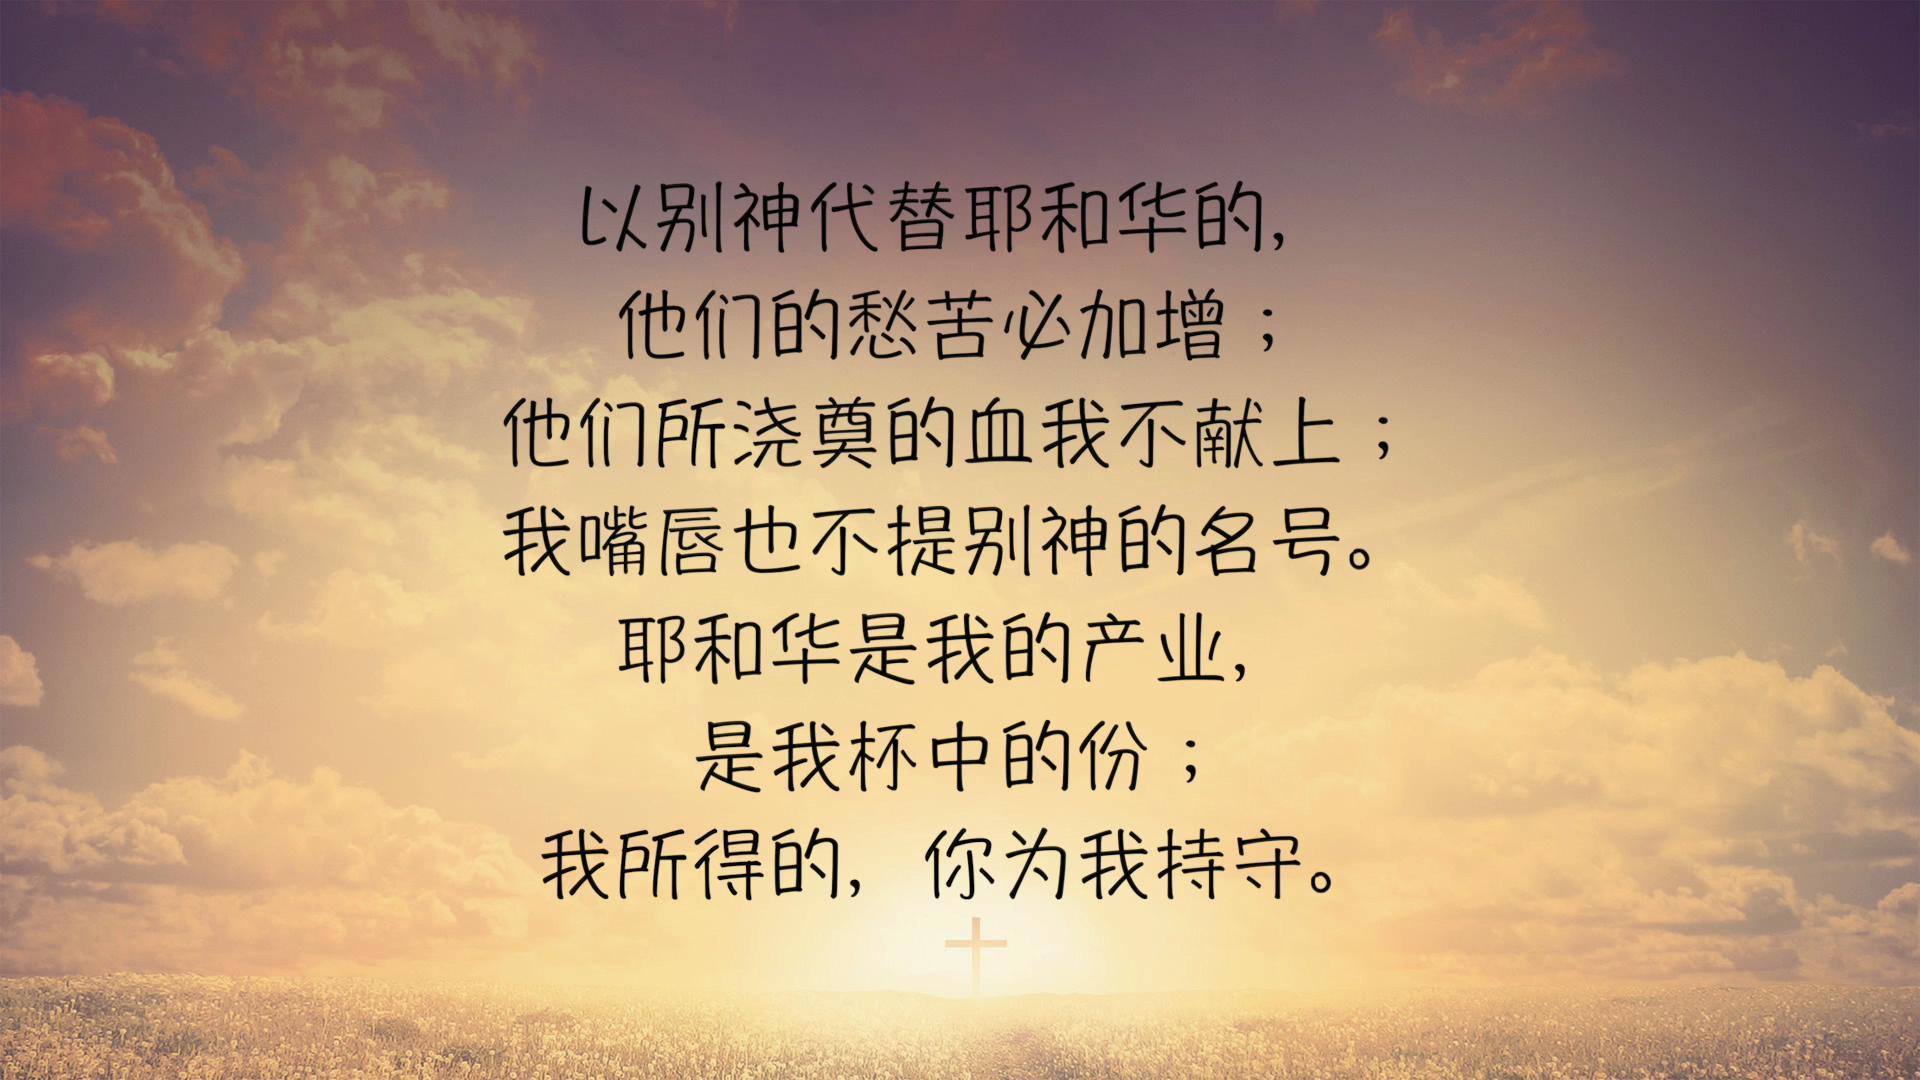 圣经三分钟 诗篇16_20181208214544.JPG